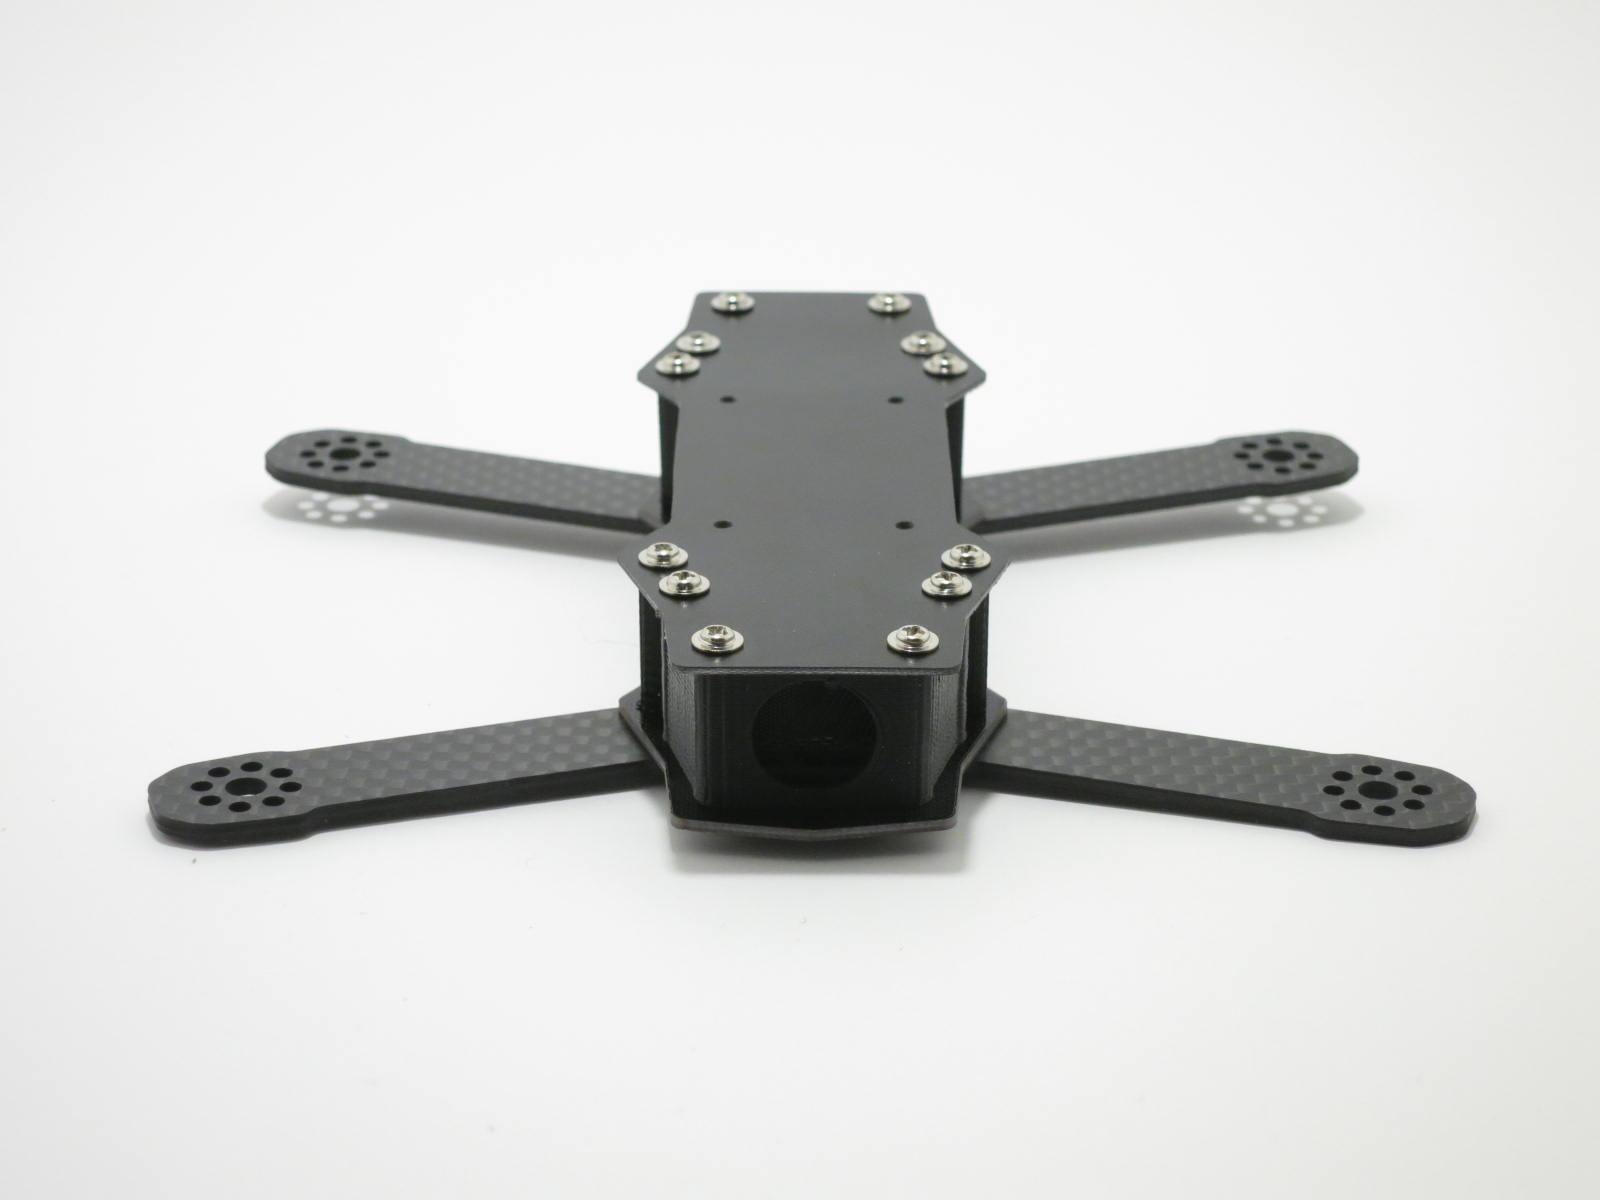 ZMR135 Micro Quad Frame W/ PDB